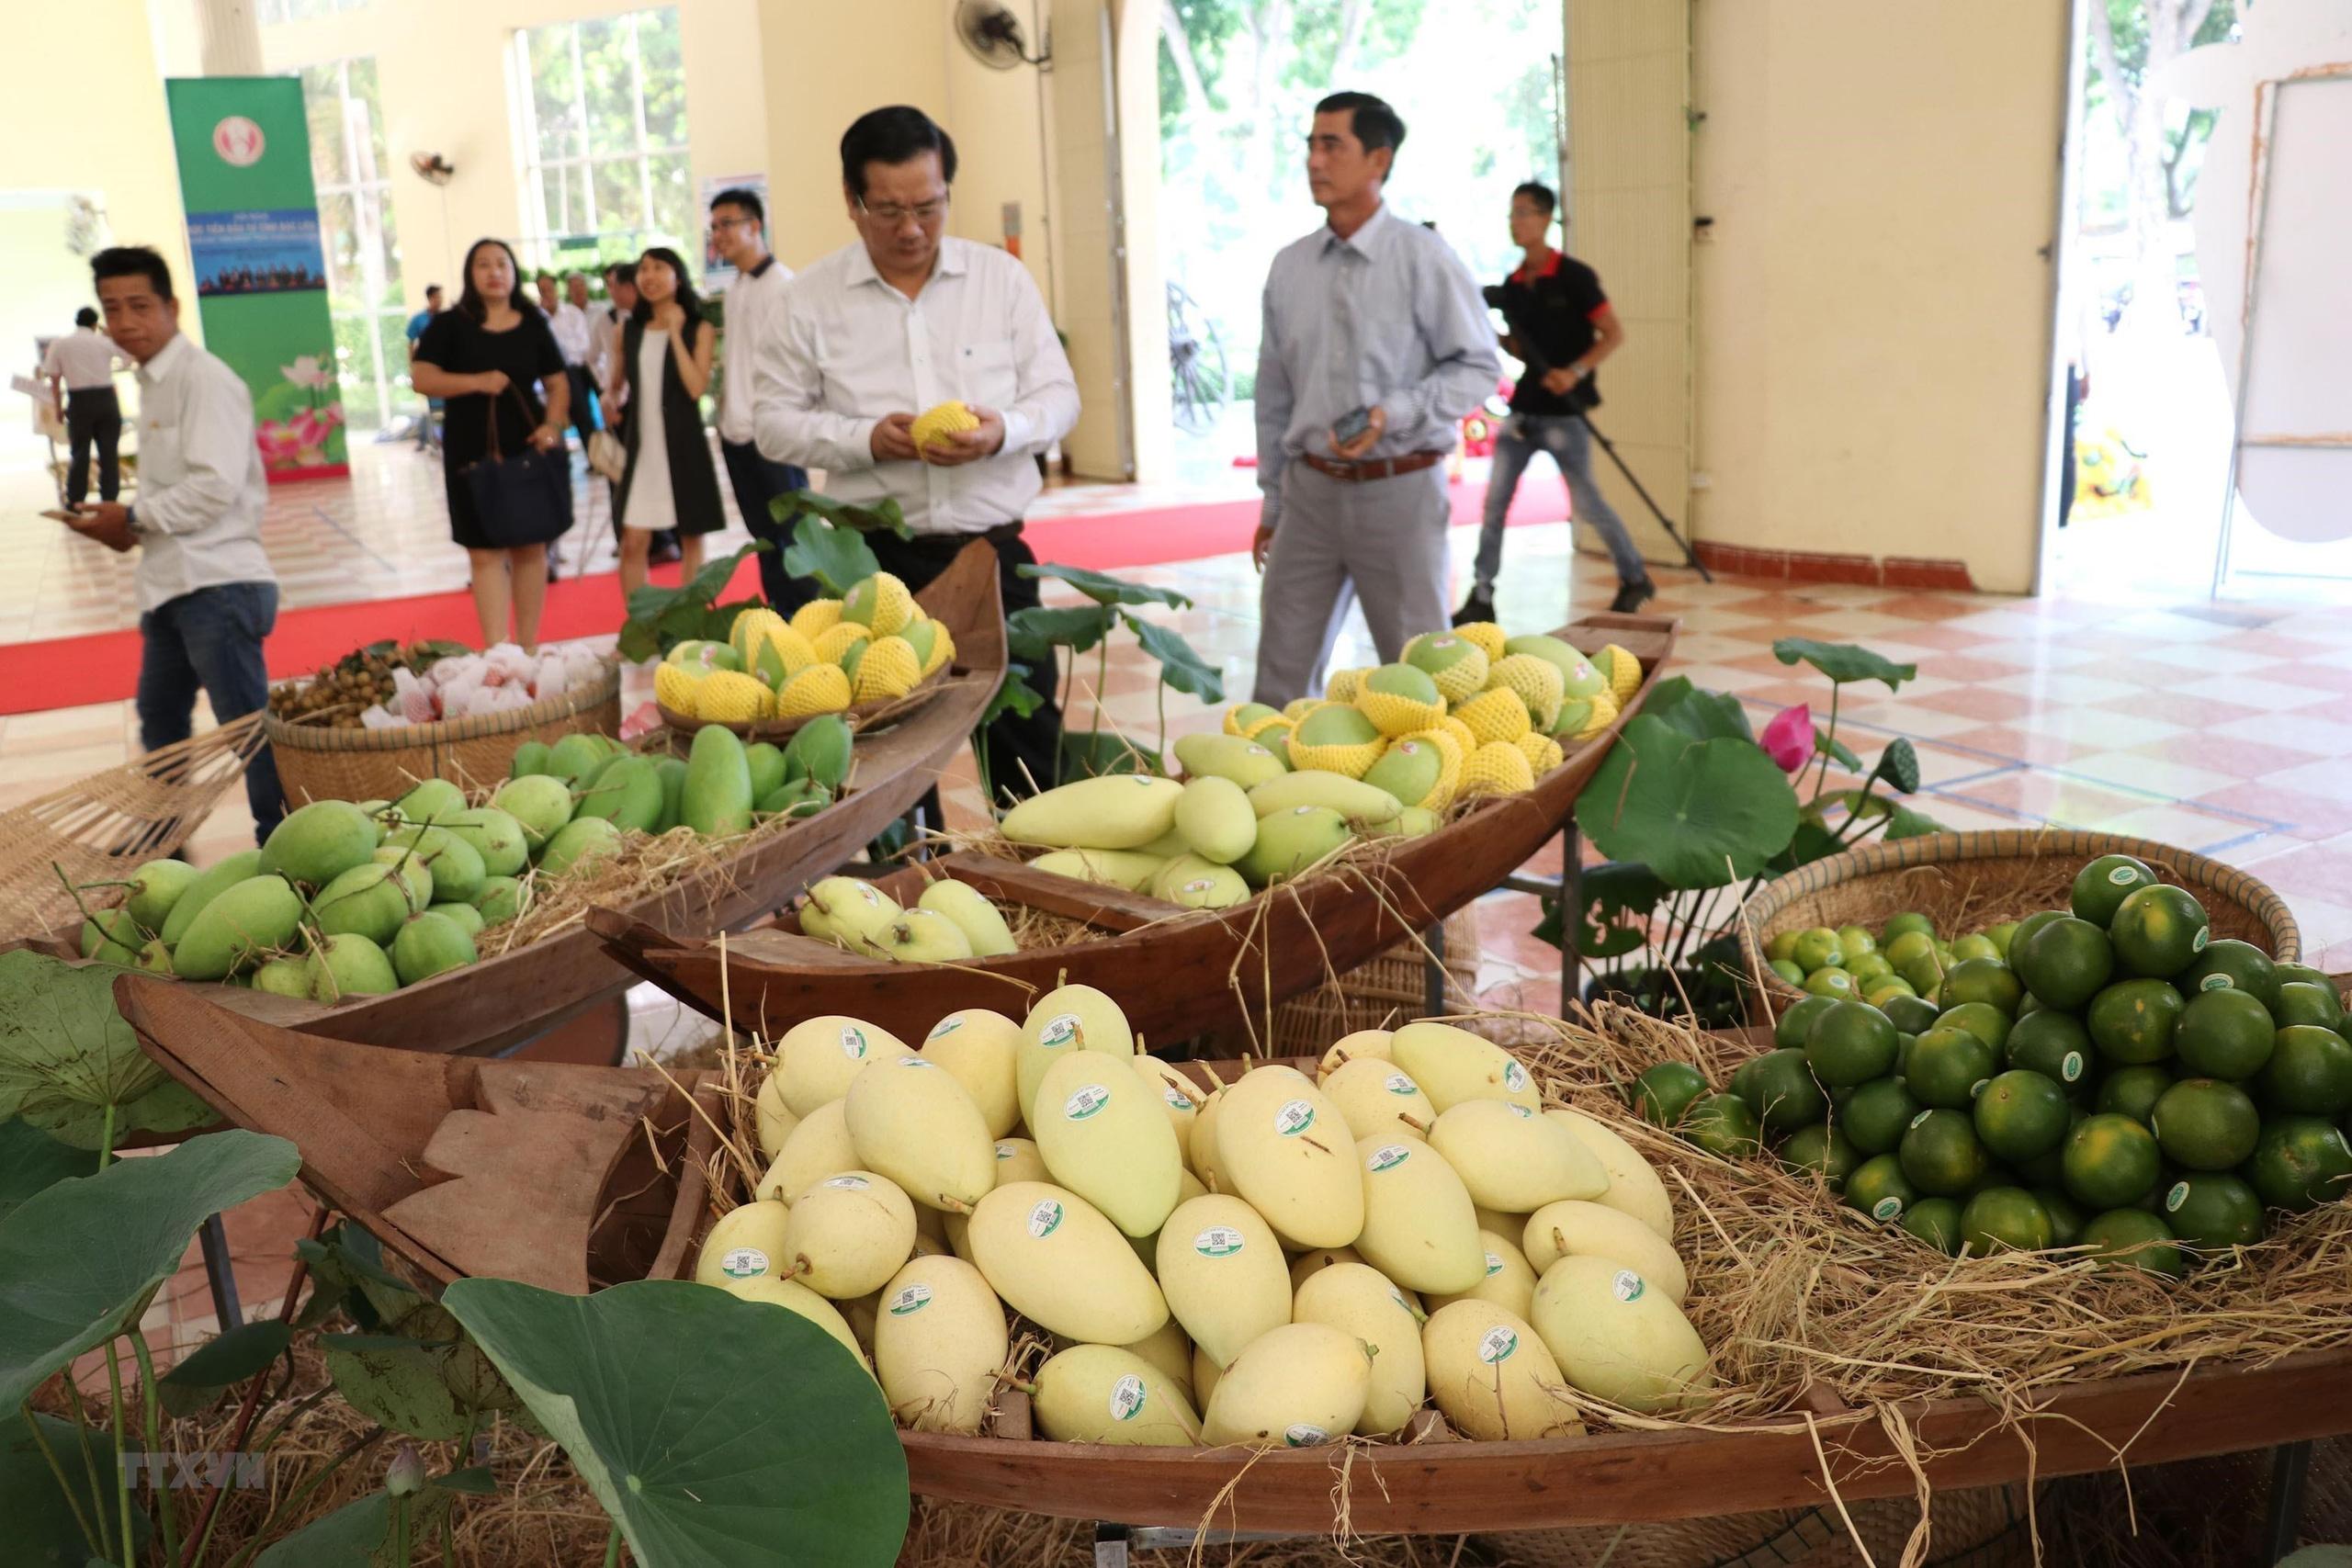 Loại quả trồng nhiều nhất ở Đồng Tháp nay phải cạnh tranh với sản phẩm của Campuchia trên đất Trung Quốc - Ảnh 1.